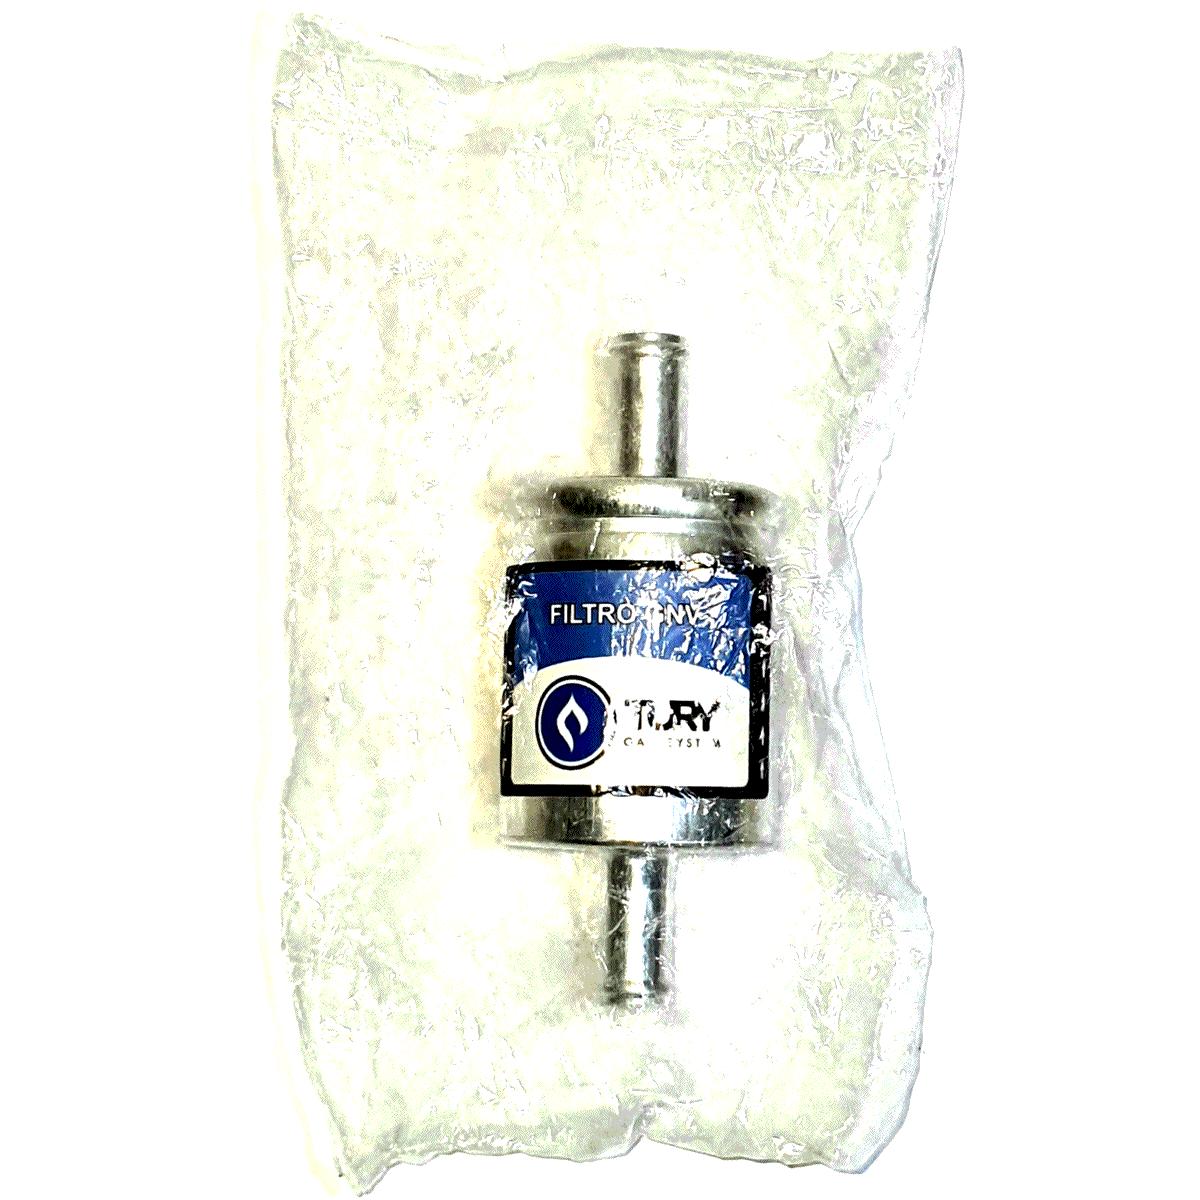 10 Filtros GNV 12 mm TURY GAS 5ª e 6ª geração STAG EMER OMVL e outros